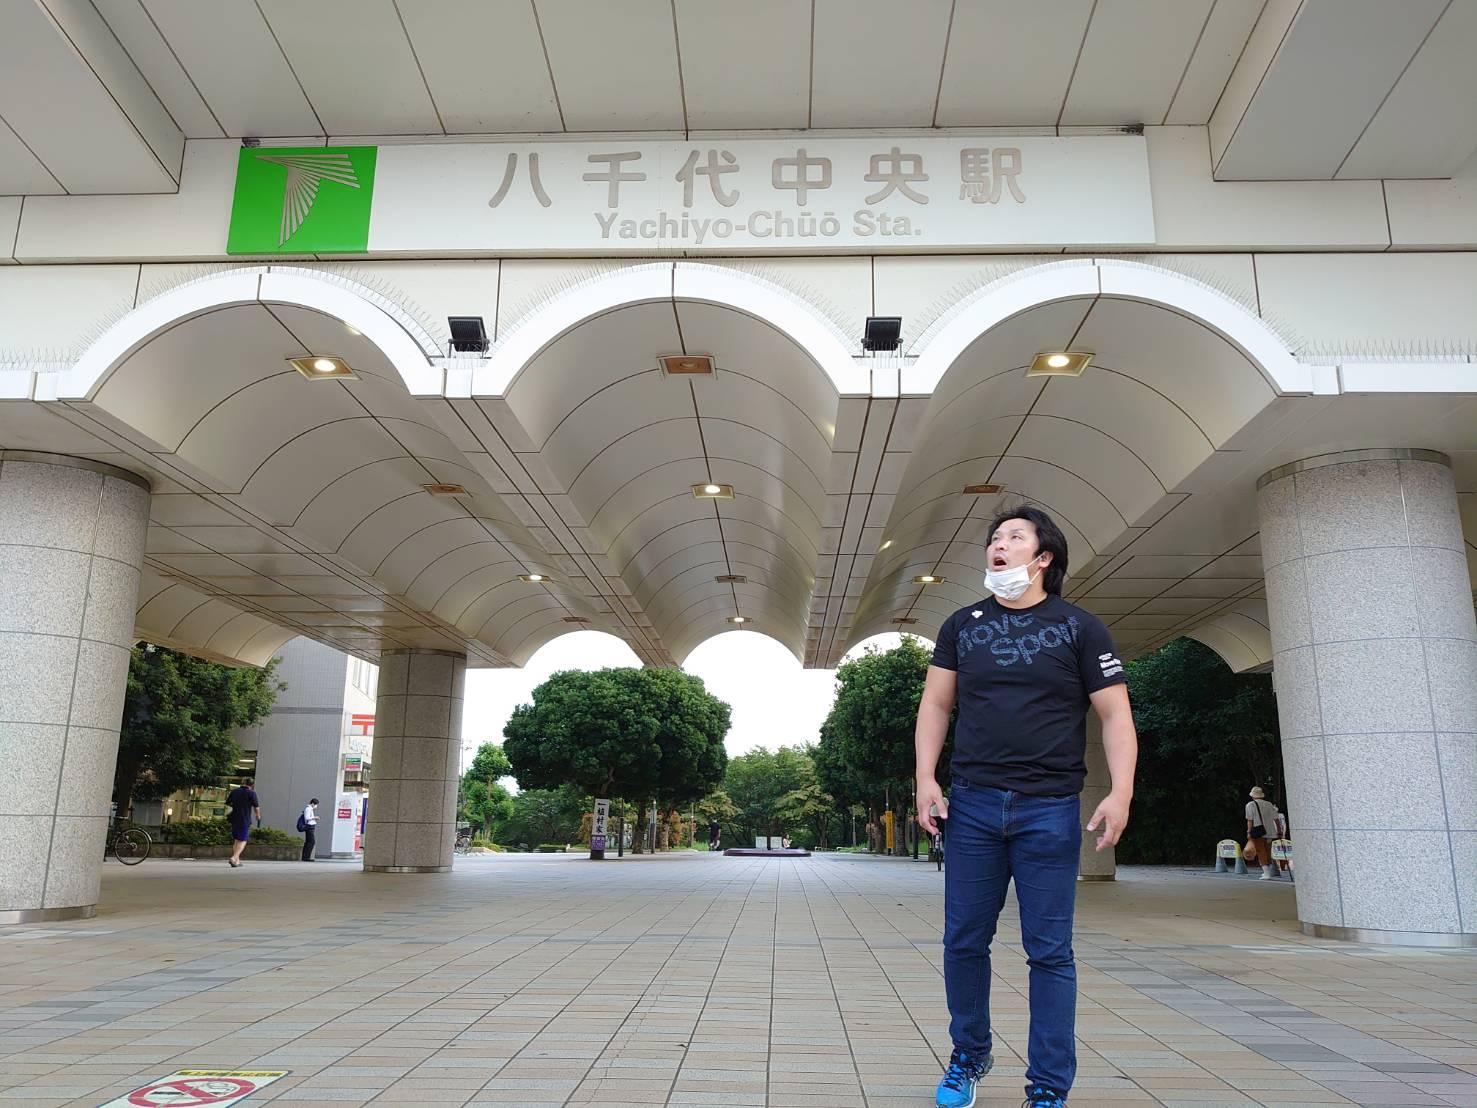 中華そば金ちゃん 最寄り駅の東葉高速鉄道八千代中央駅